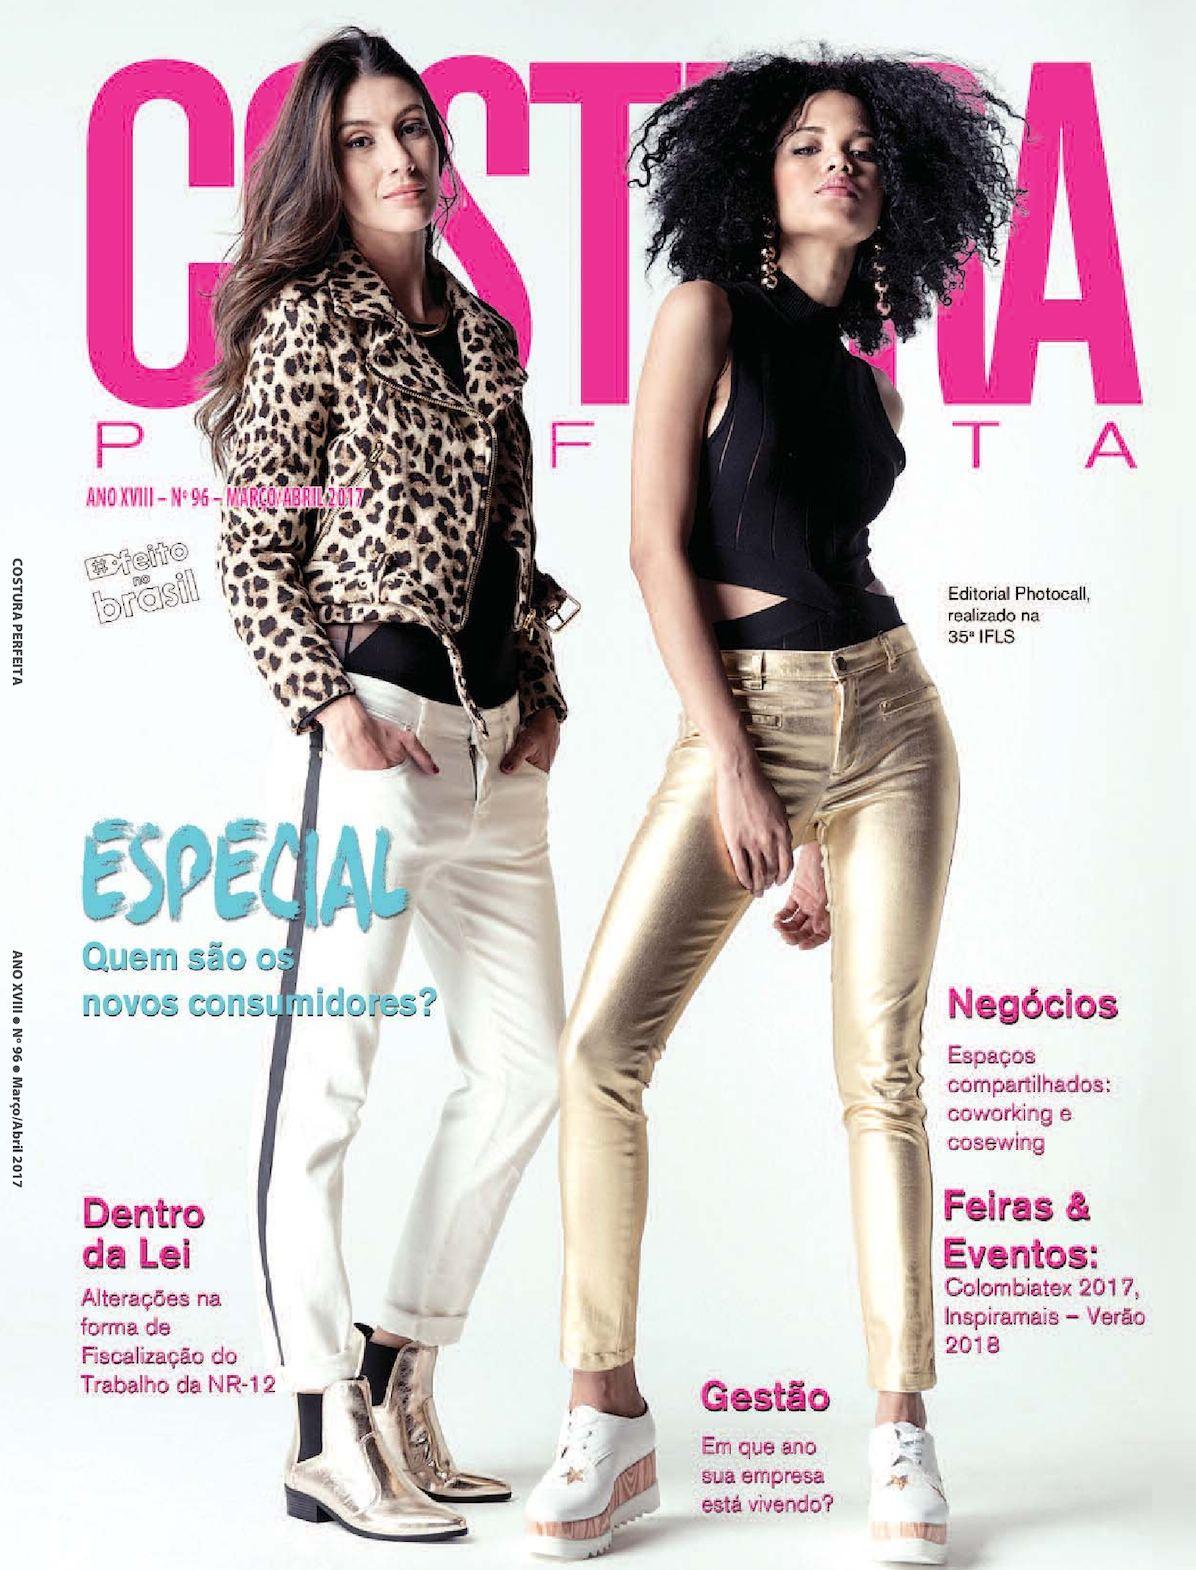 0423bf9681 Calaméo - Revista Costura Perfeita Edição Ano XVIII - N96 - Março - Abril  2017